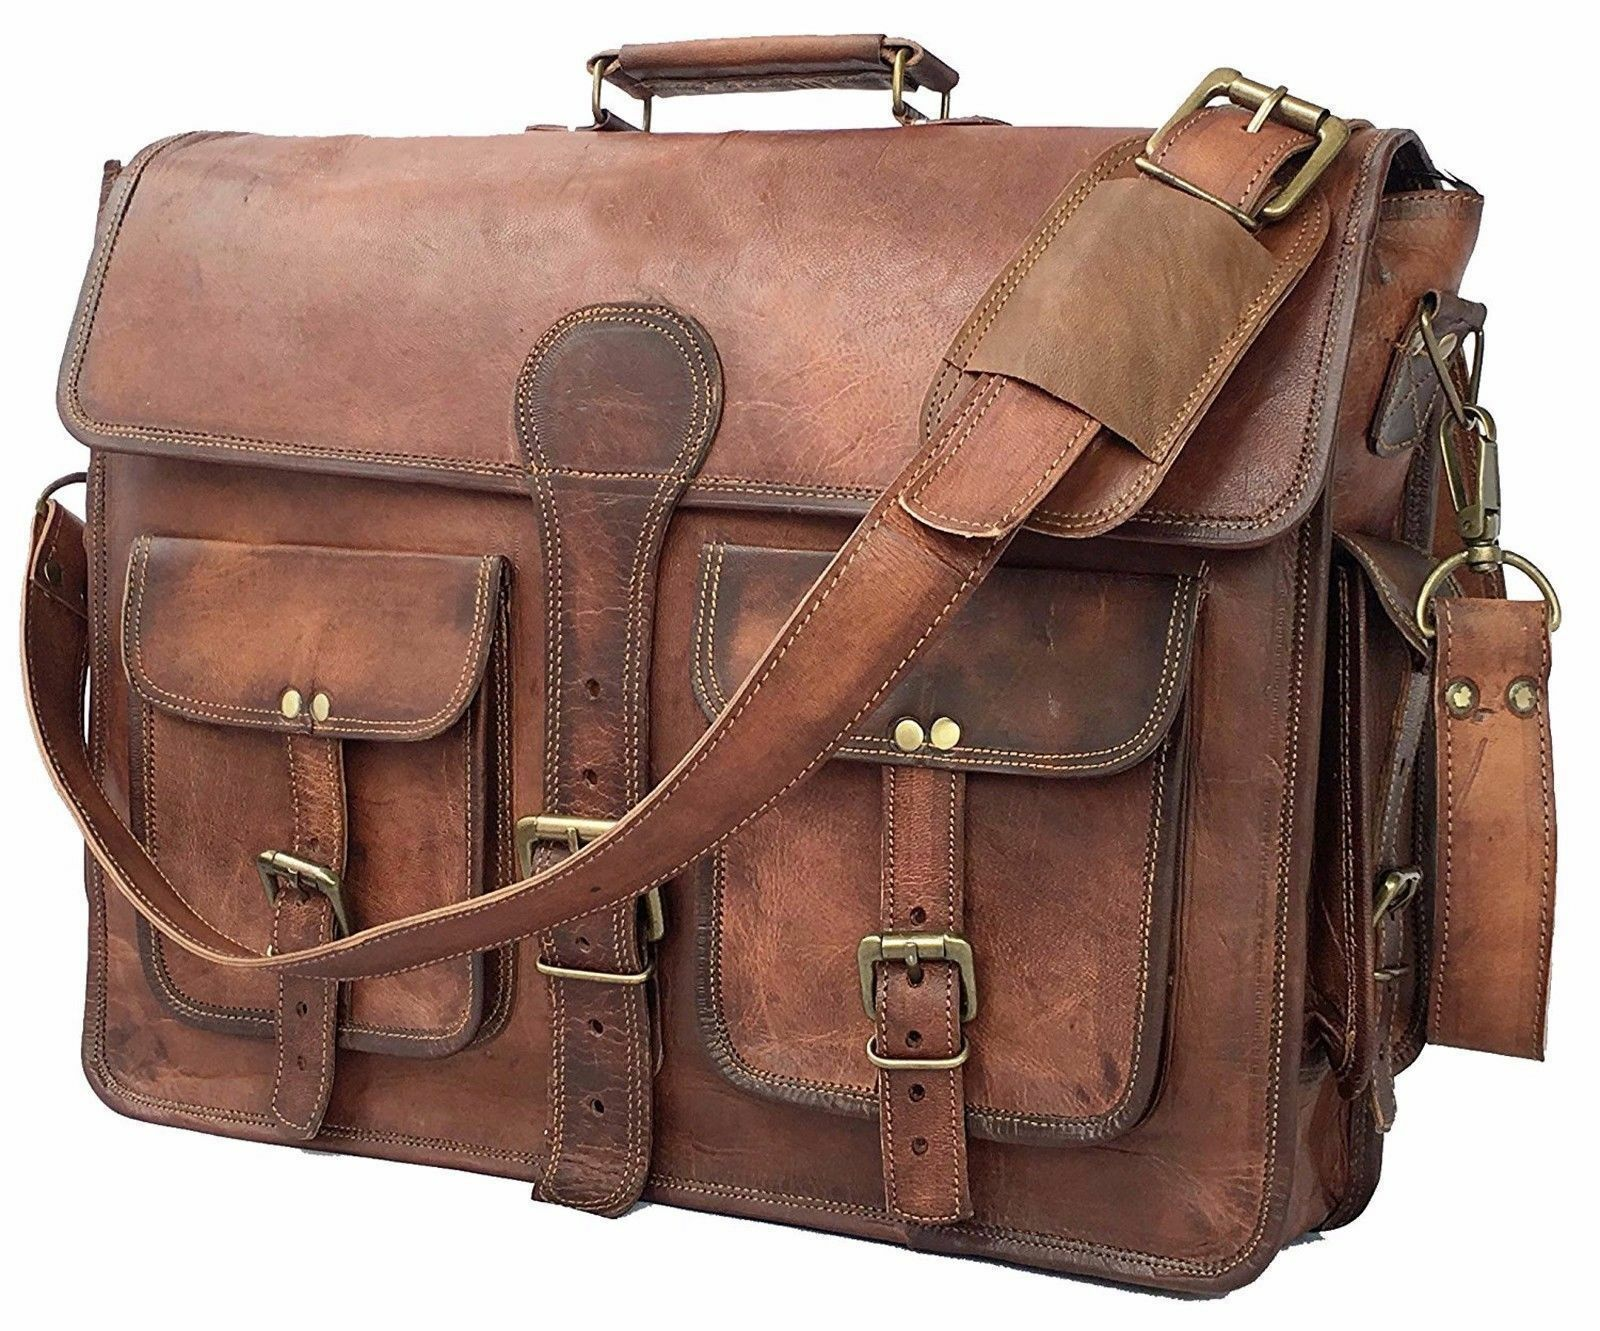 Männer Echte Vintage Leder Messenger Laptop Aktentasche Frauen Frauen Frauen Tasche Braun       Neues Design  1b0c46